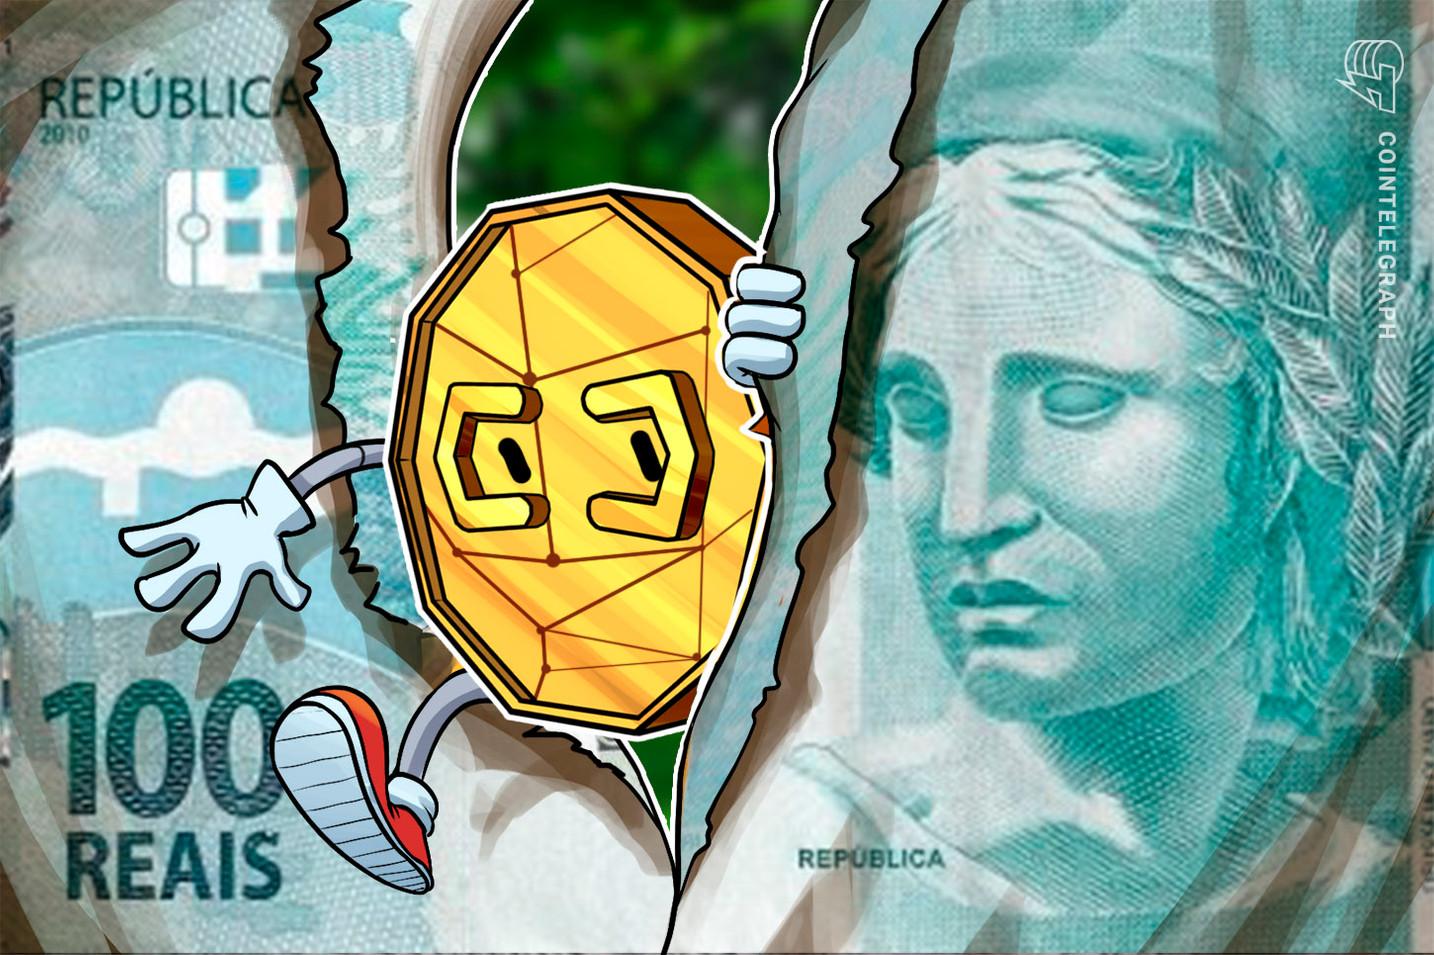 'Queremos mais tokens na plataforma até o fim de 2020', diz diretor da Mercado Bitcoin